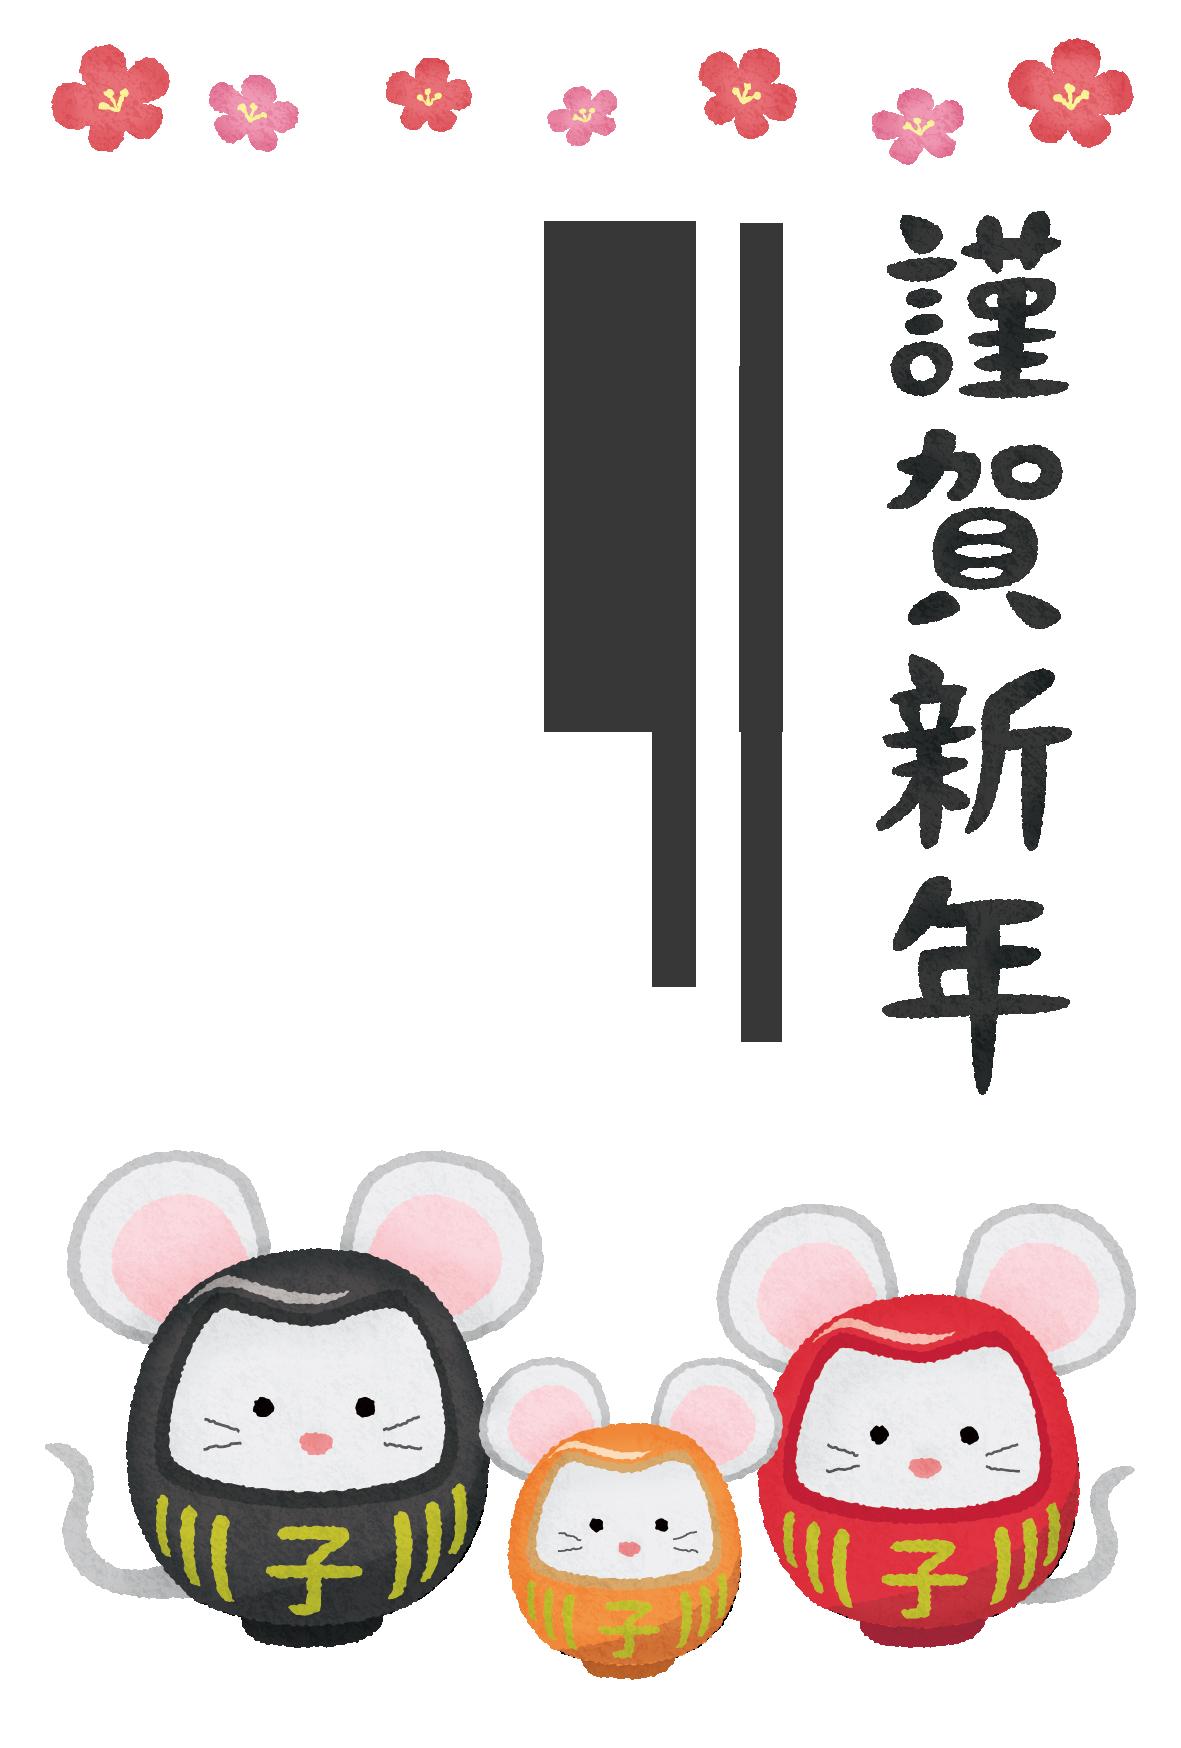 謹賀新年無料テンプレート(2020年 ネズミ夫婦だるまと子供) 02